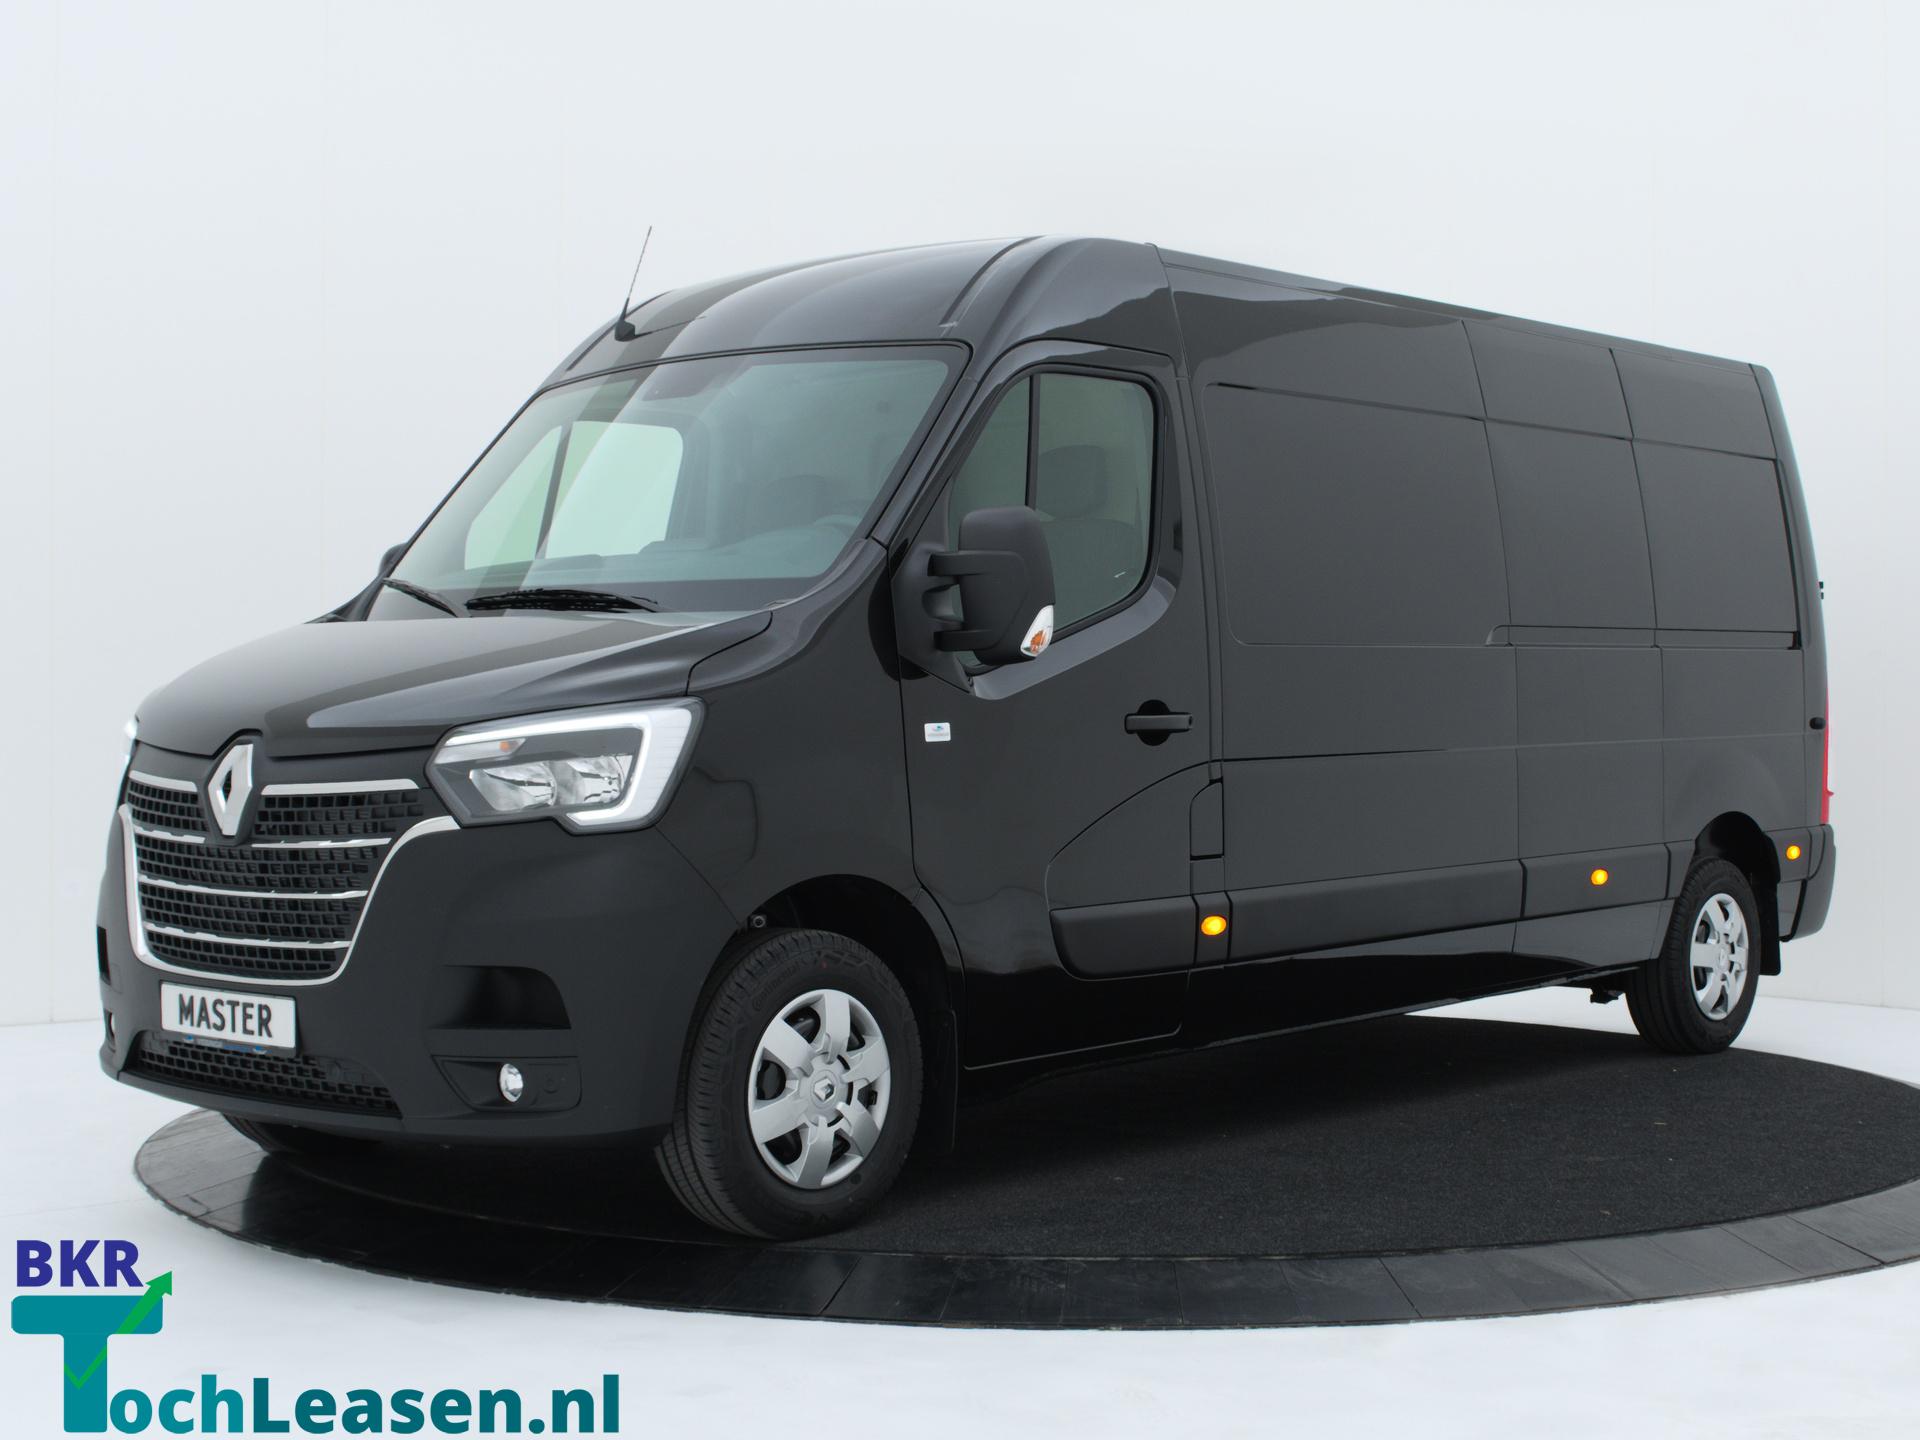 Renault Master L3H2 180 pk schuinvoorkant 1 BKR toch Leasen